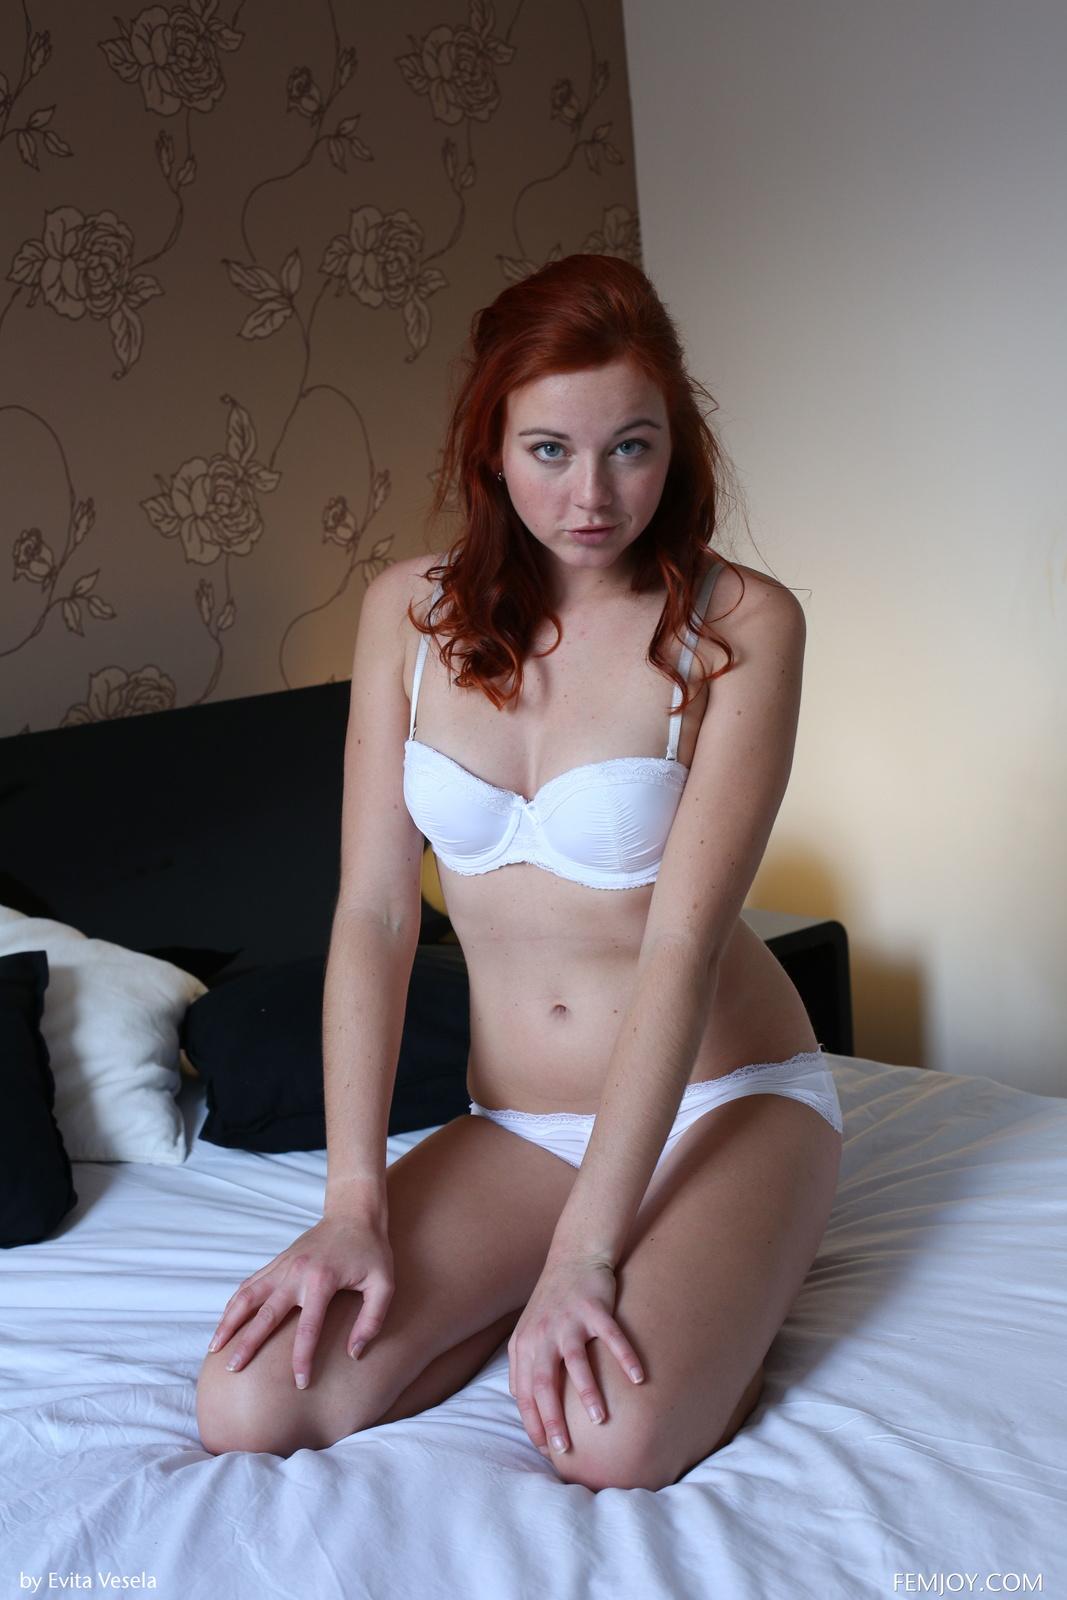 Zdjęcie porno - 037 - Ruda w bieli